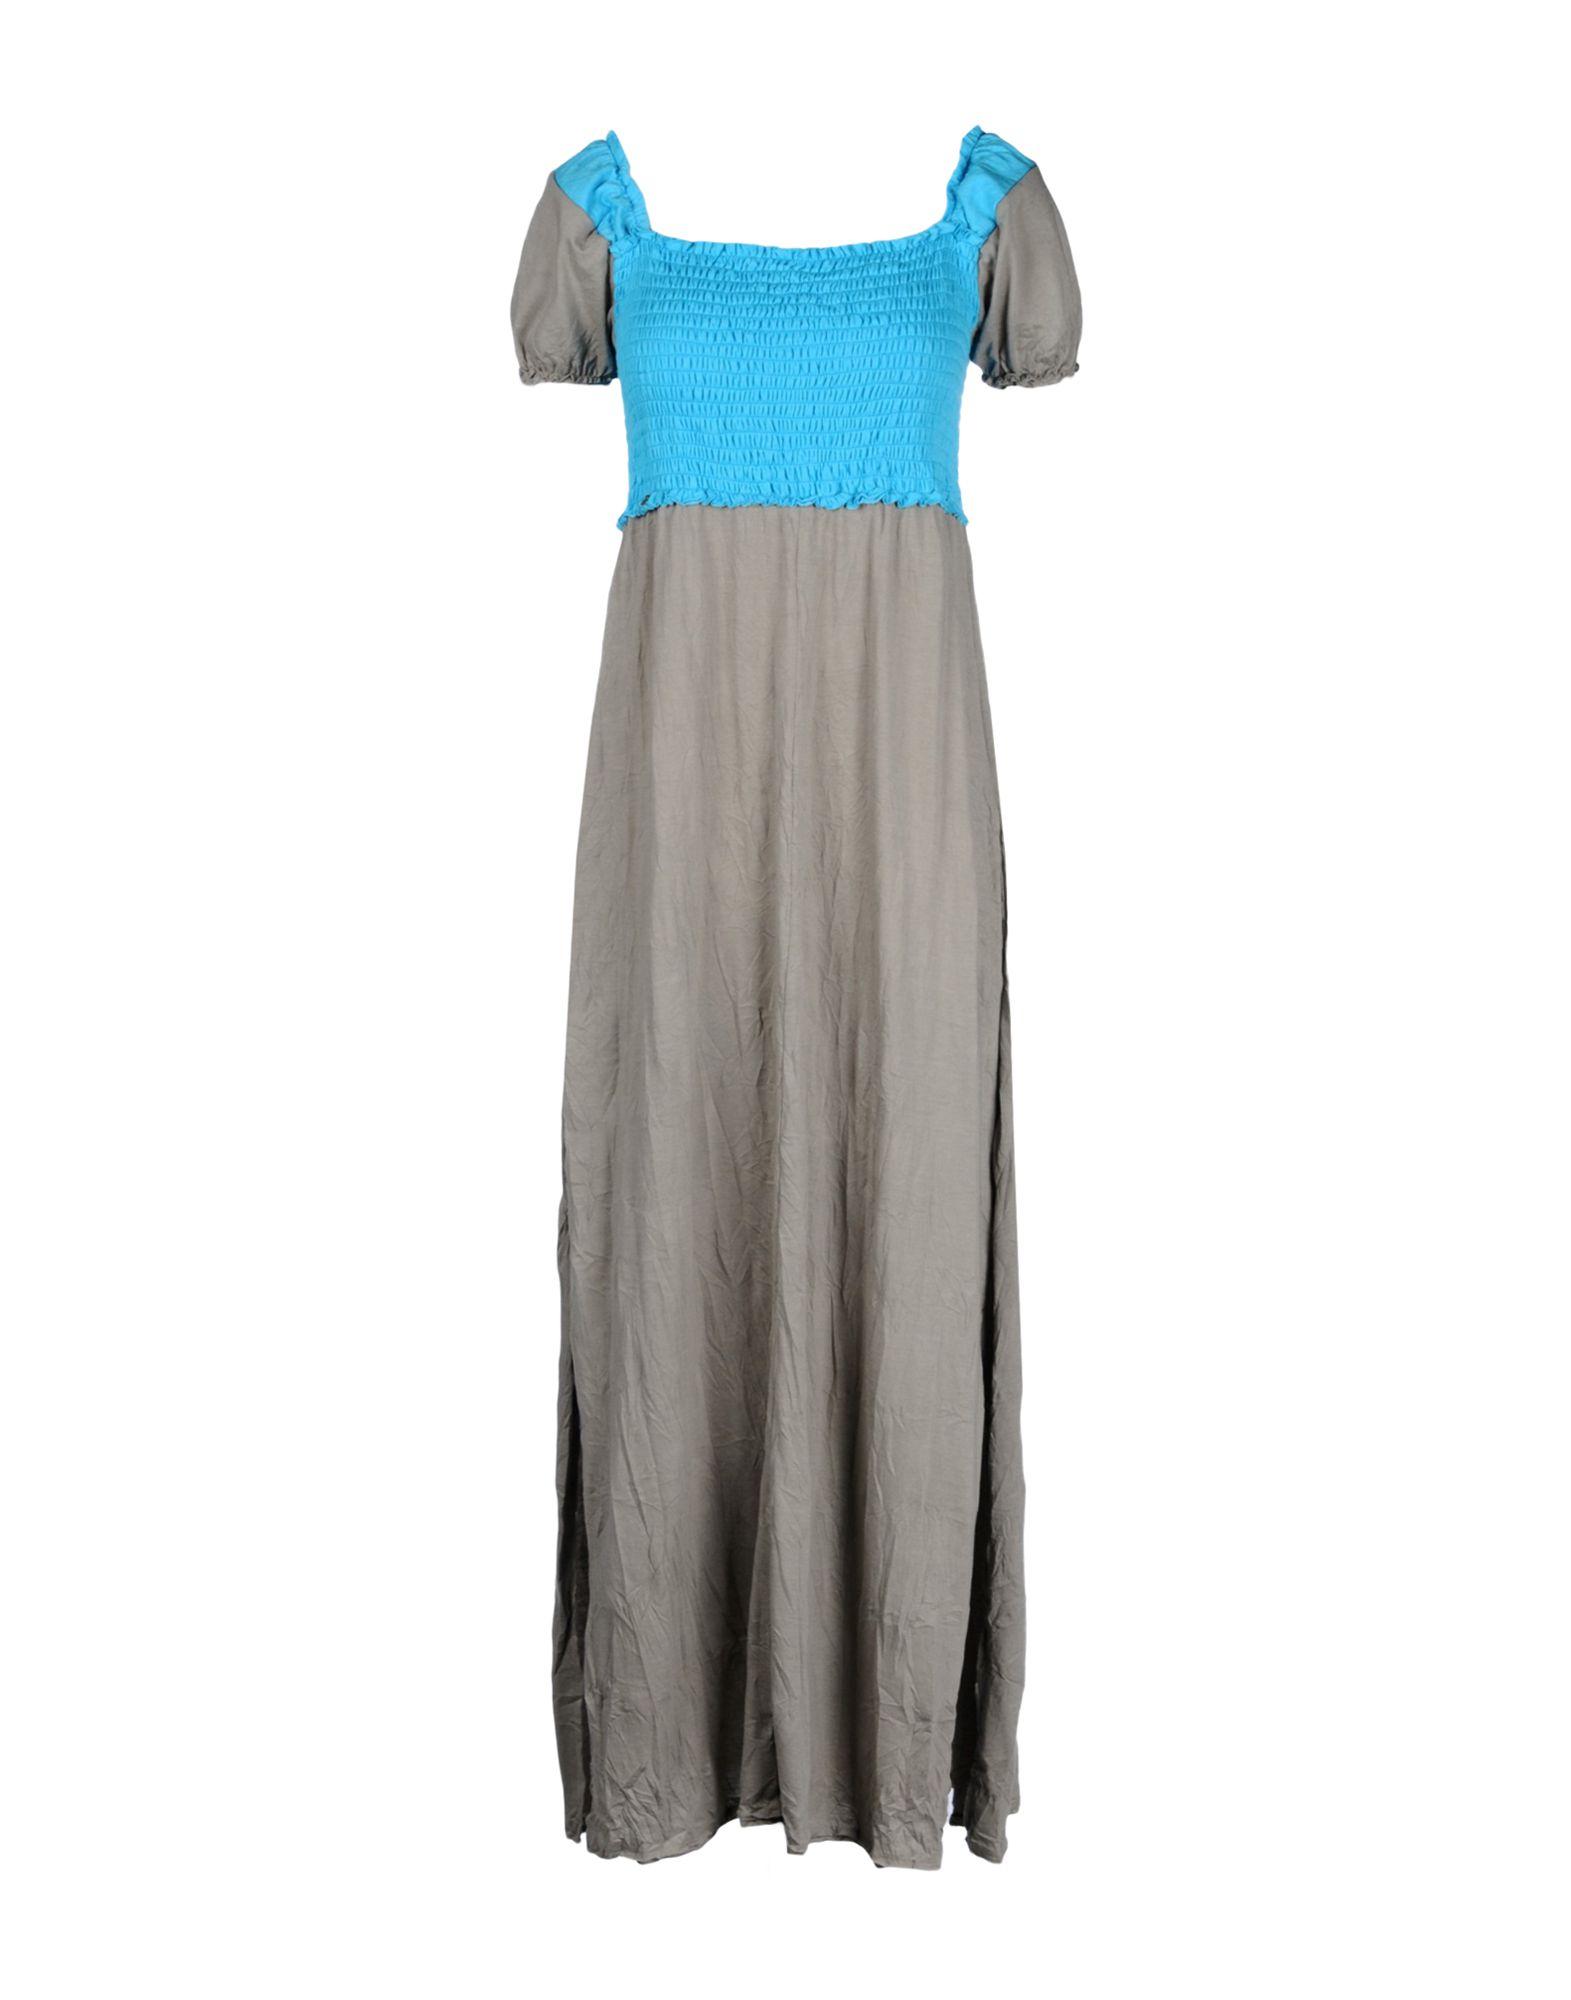 OBLIQUE CREATIONS Длинное платье клепки для одежды three creations 1000 10 nailheads 80374